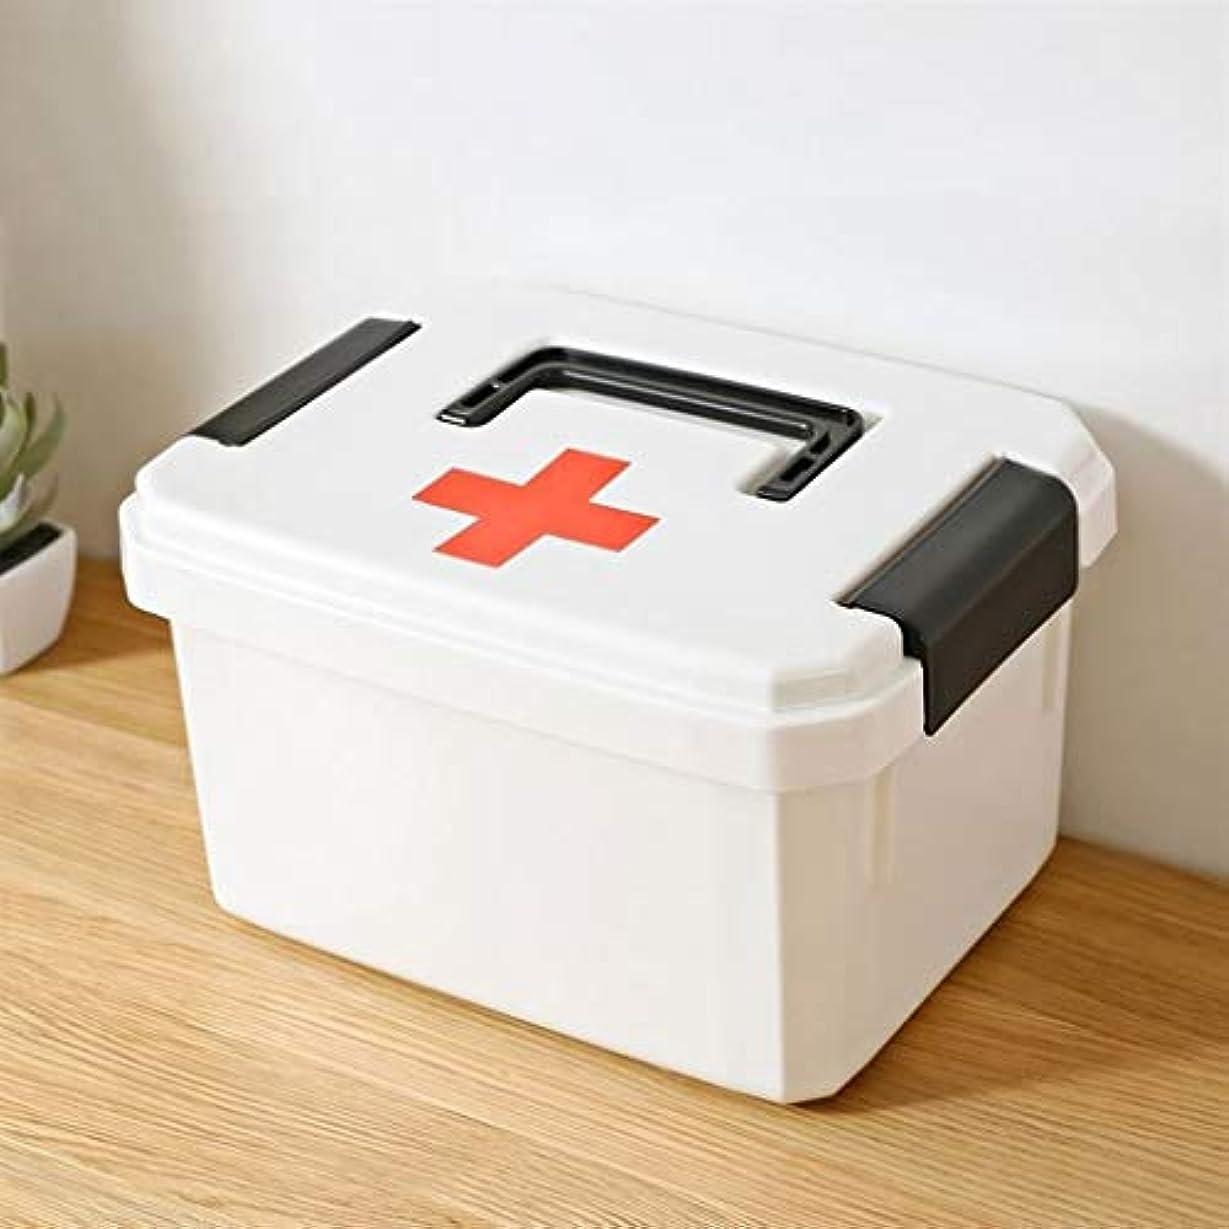 ヒロイン休みソケット薬箱多機能大容量ポータブル家庭用薬収納ボックス両面ロック29×22×17.5cmホワイト SYFO